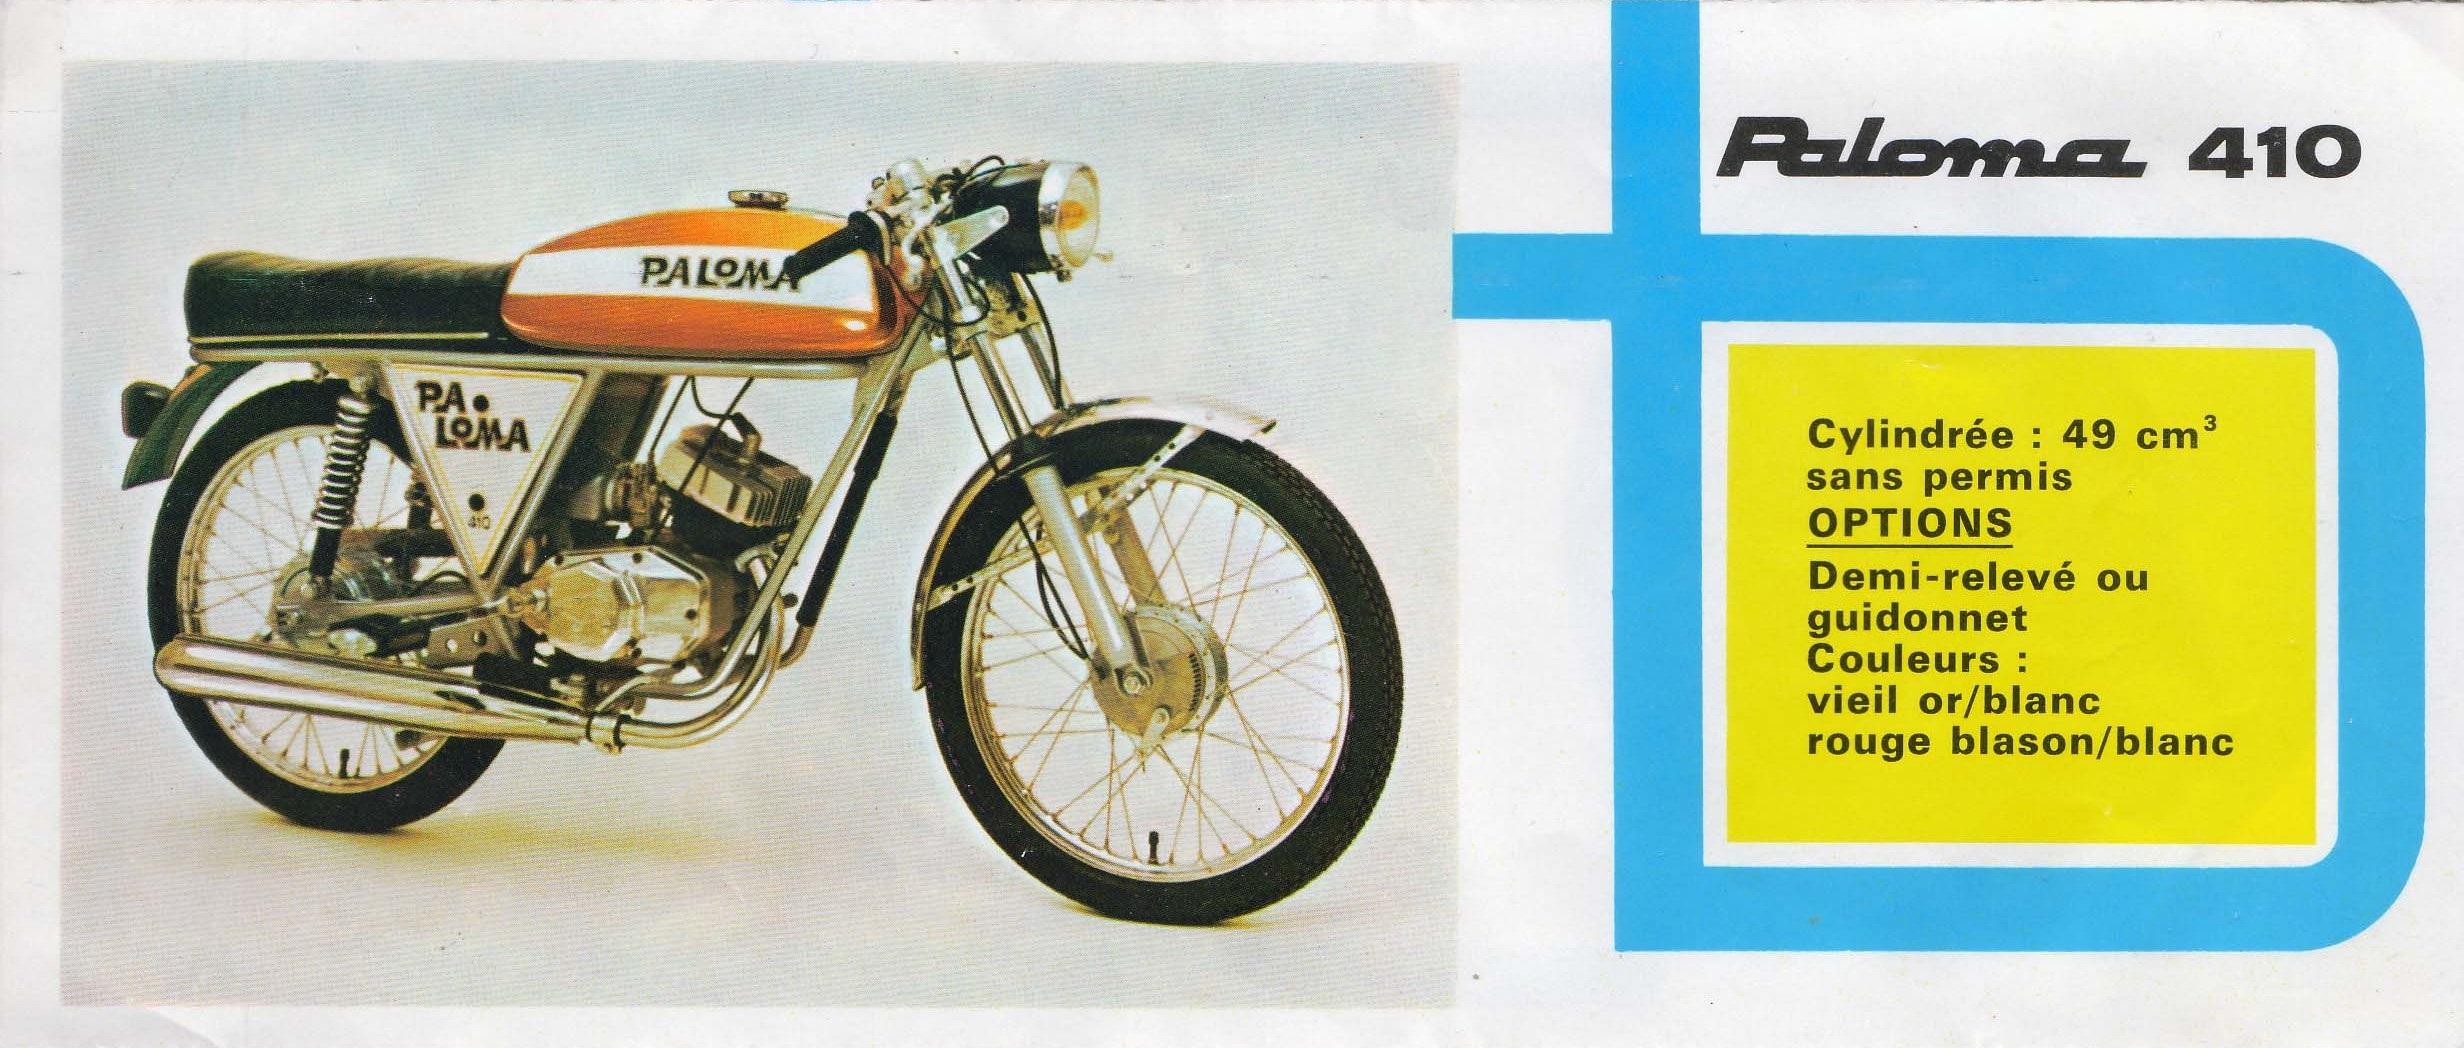 Paloma 410 A00140